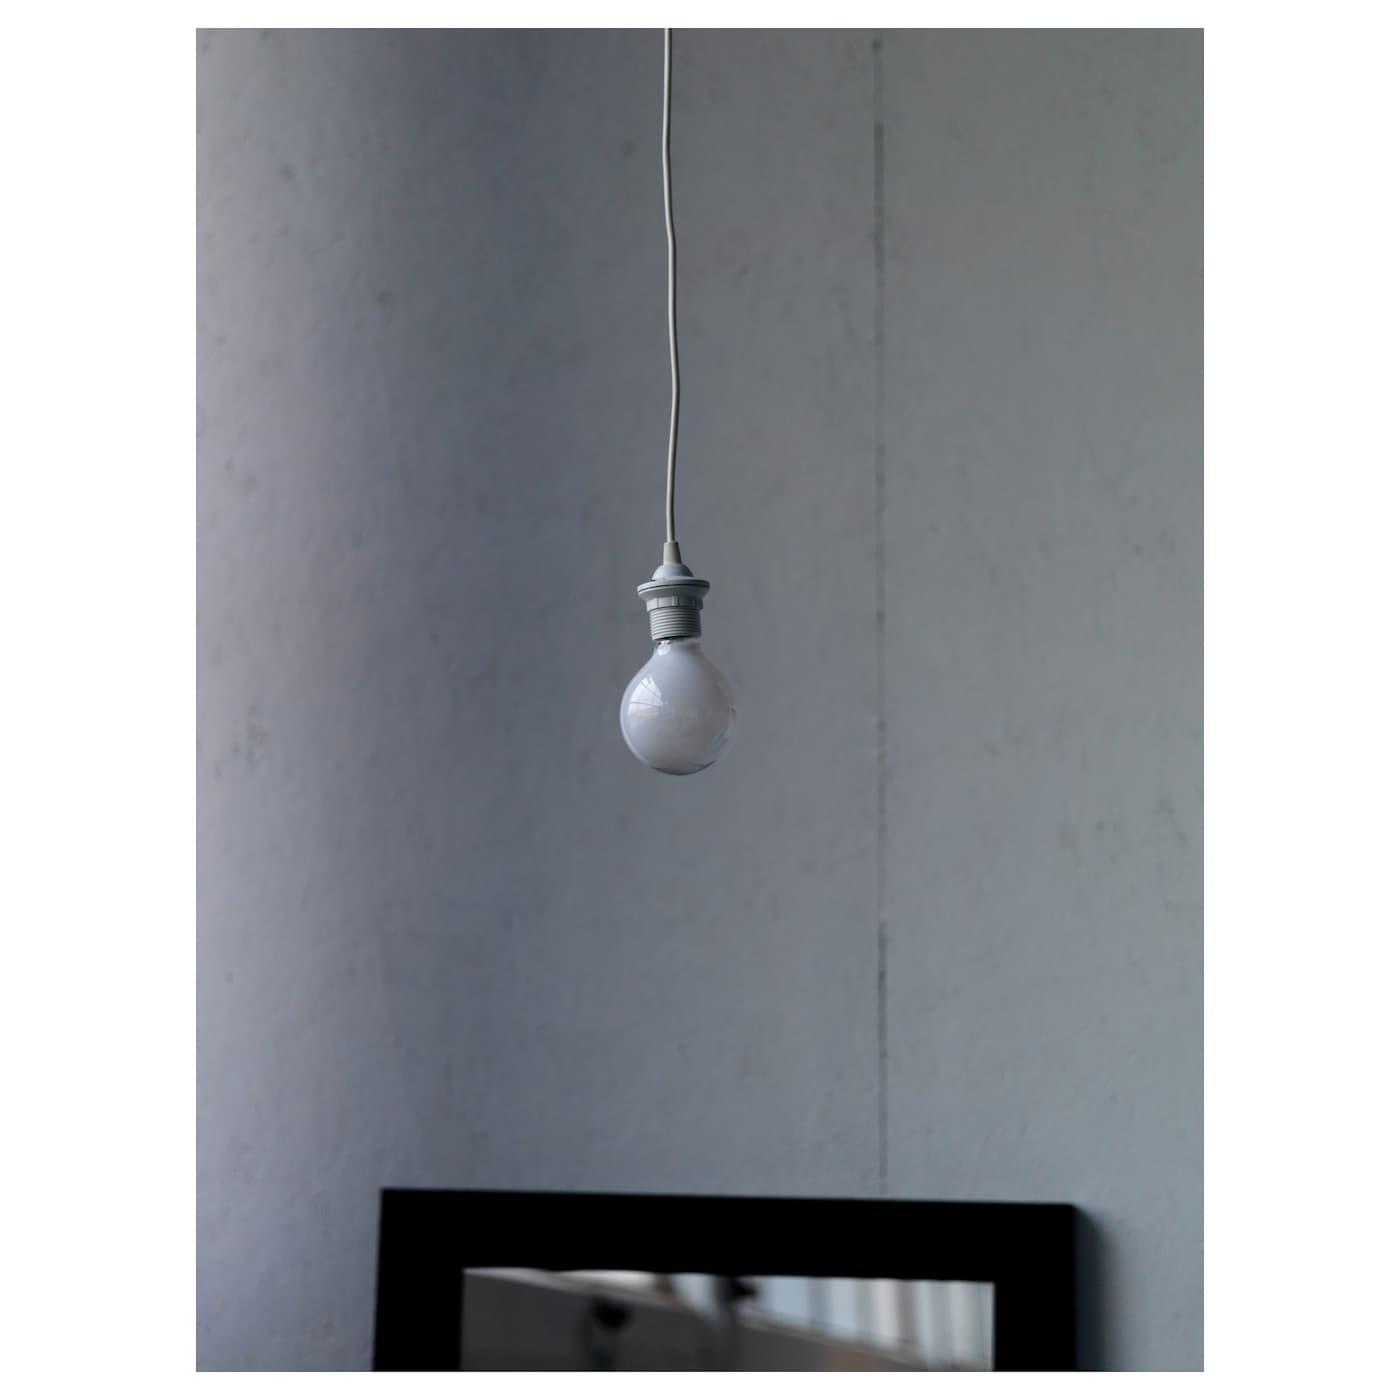 HEMMA Montura para lámpara de techo blanco 1.8 m